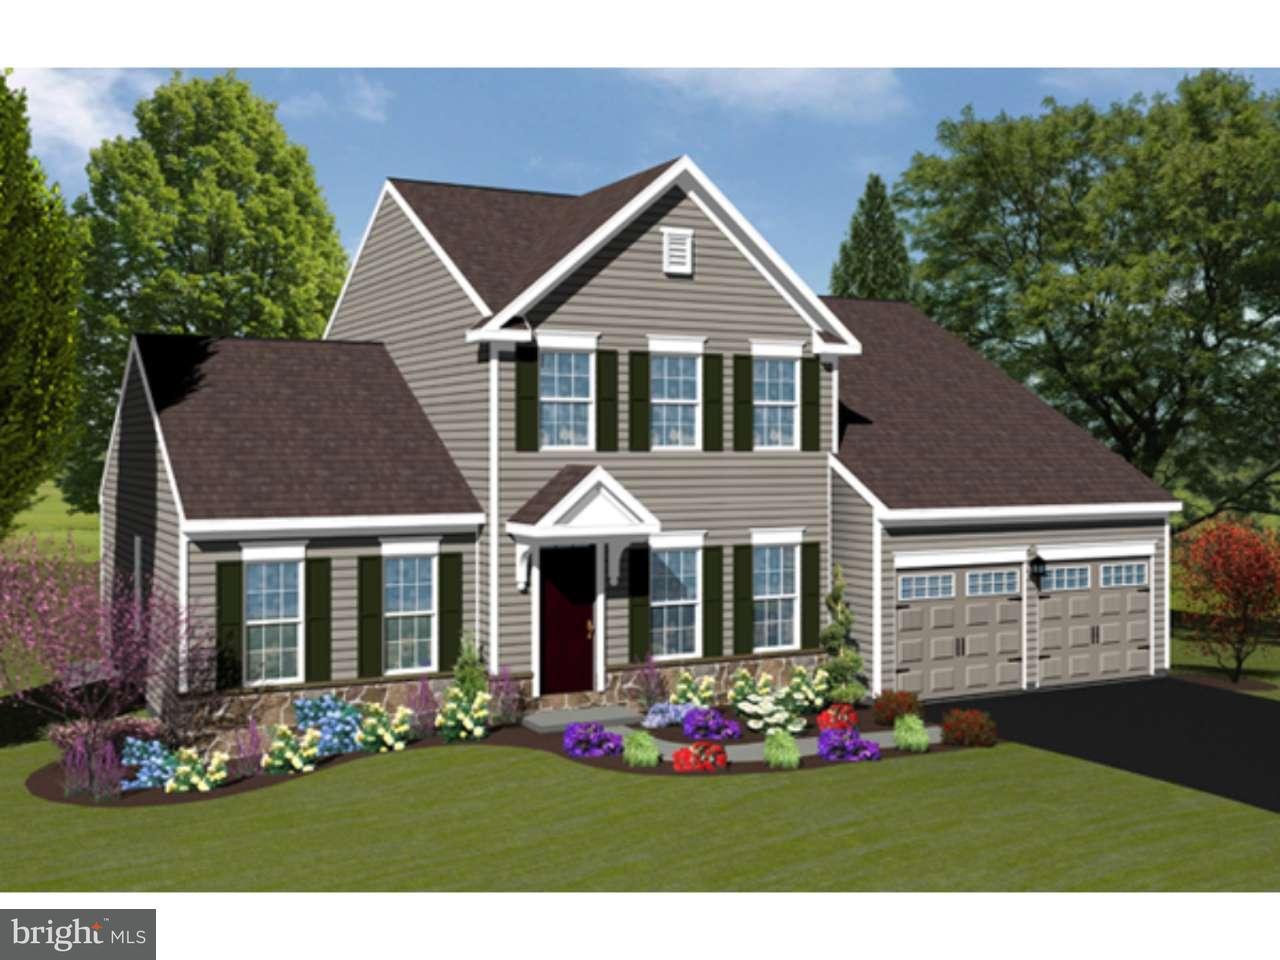 独户住宅 为 销售 在 ,000 HAZEL Court 莱巴嫩, 宾夕法尼亚州 17042 美国